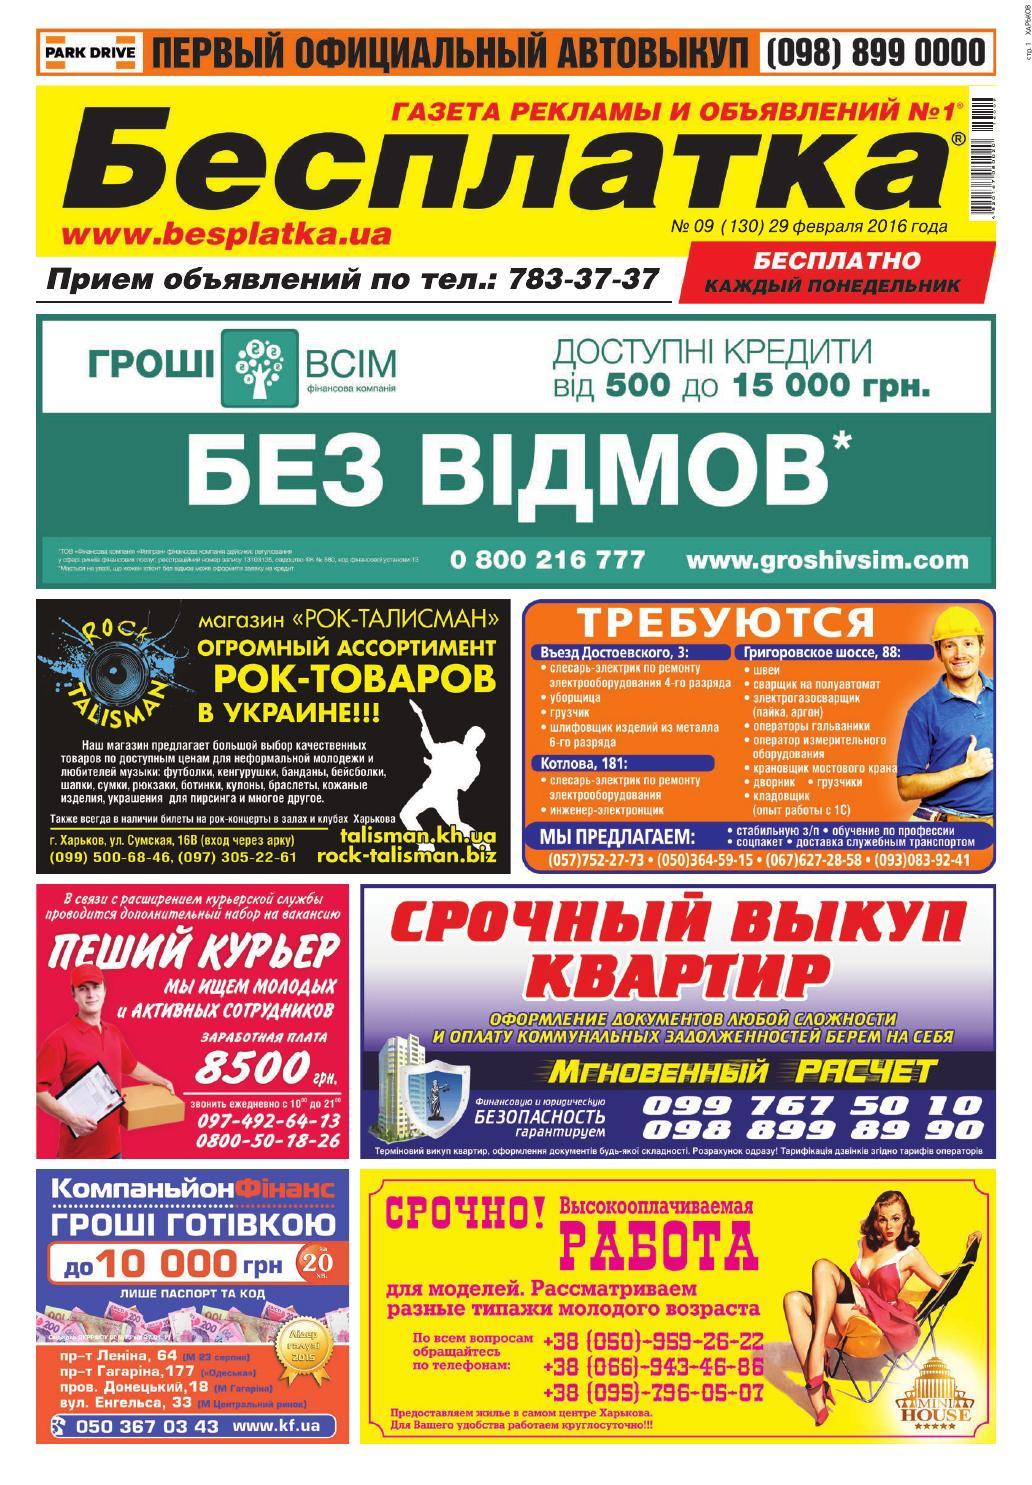 ba41a8c0dd7e Besplatka  09 Харьков by besplatka ukraine - issuu